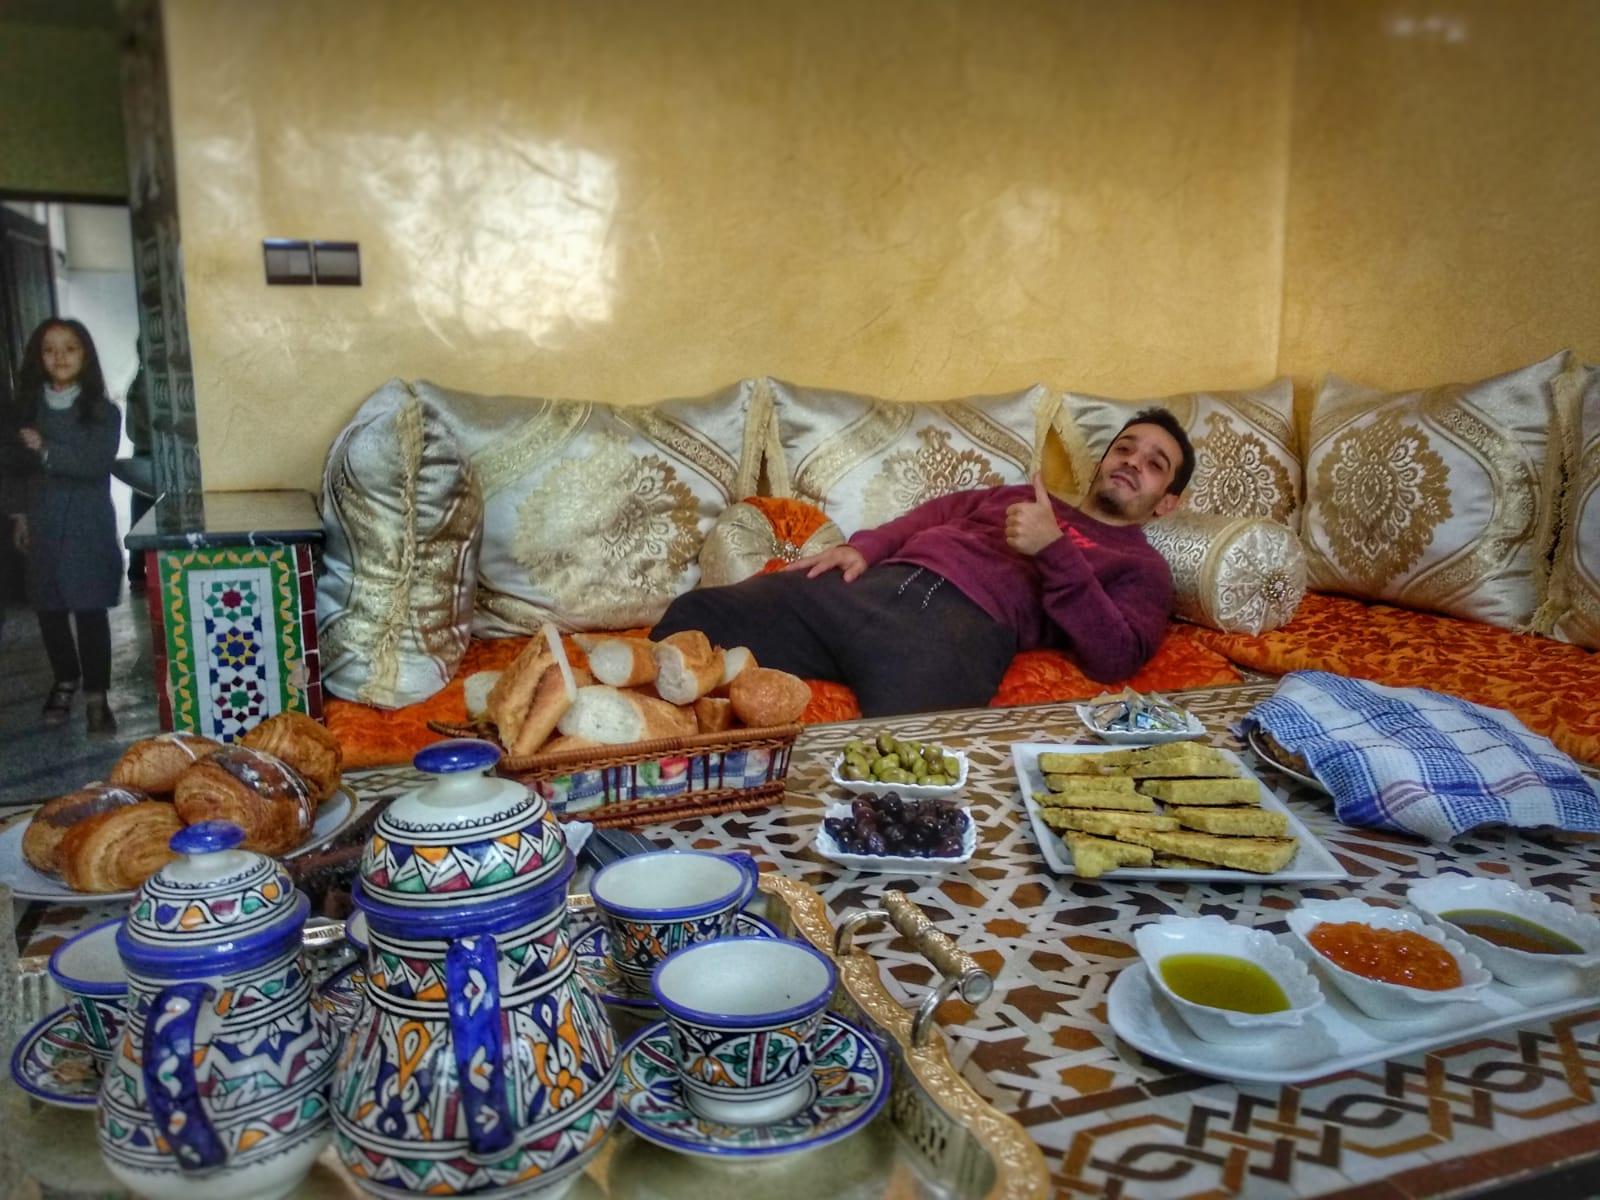 Comida típica marroquí - Desayuno marroquí